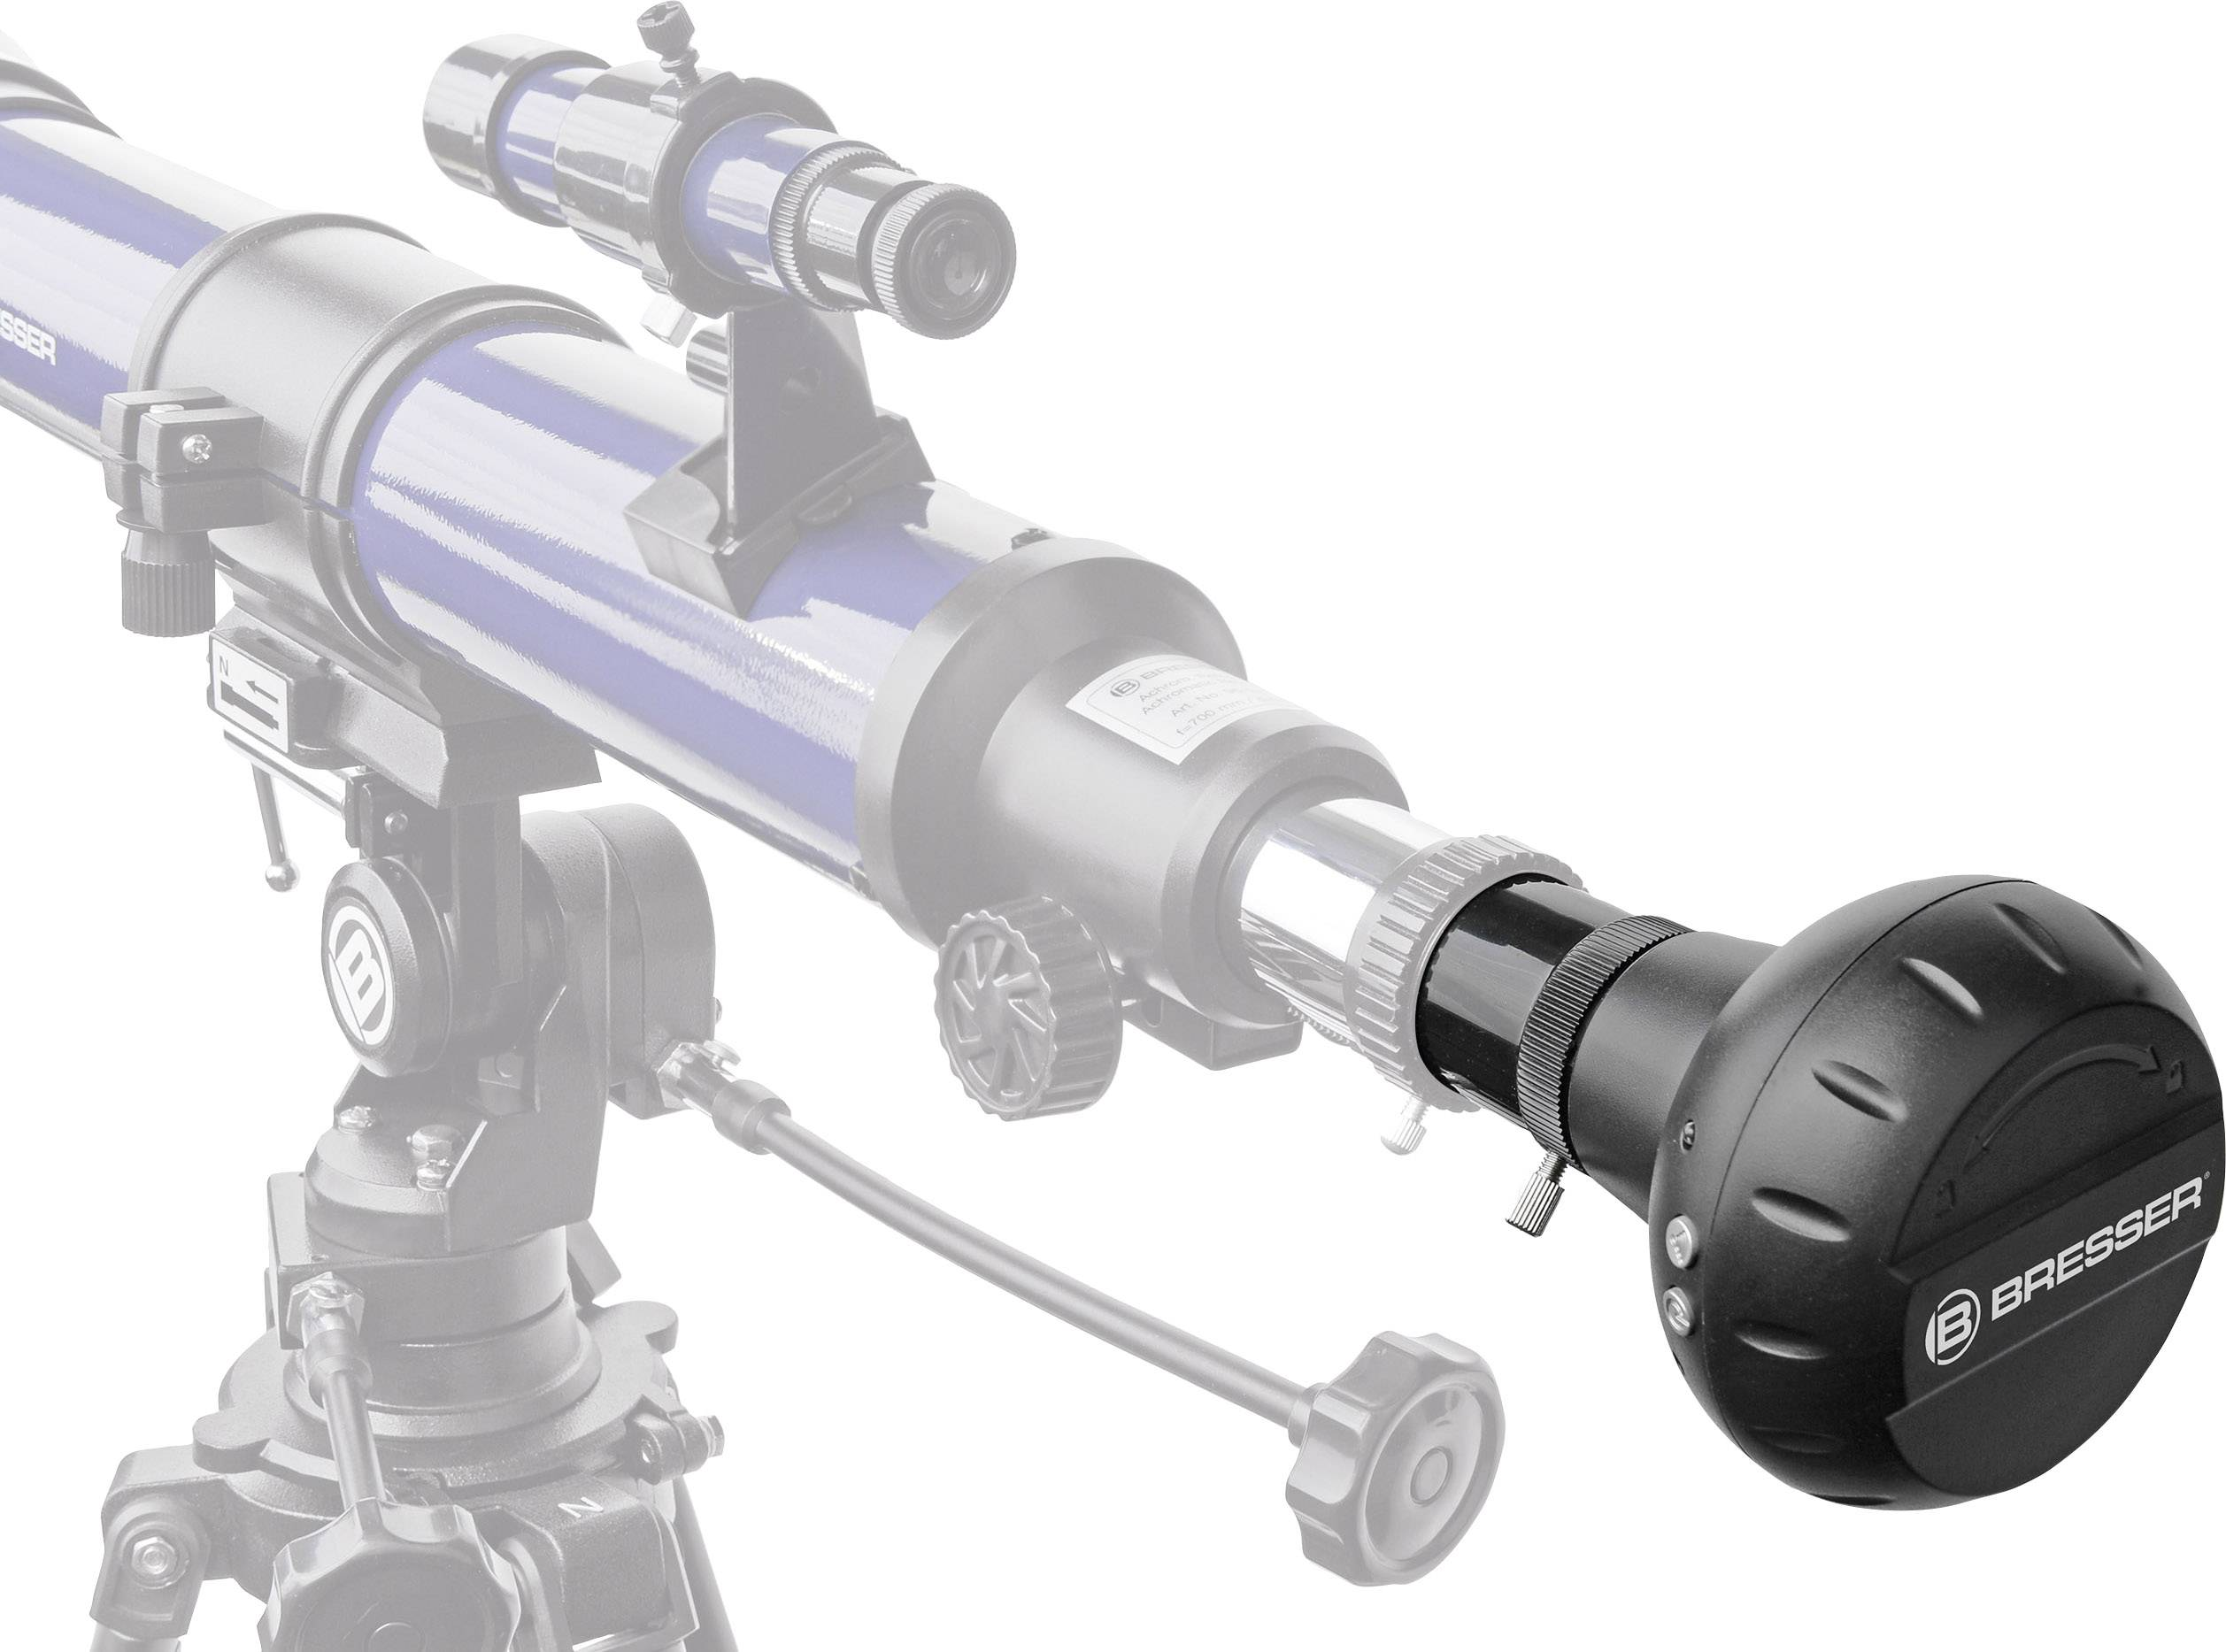 Bresser reflektor teleskop teleskope bresser bedienungsanleitung